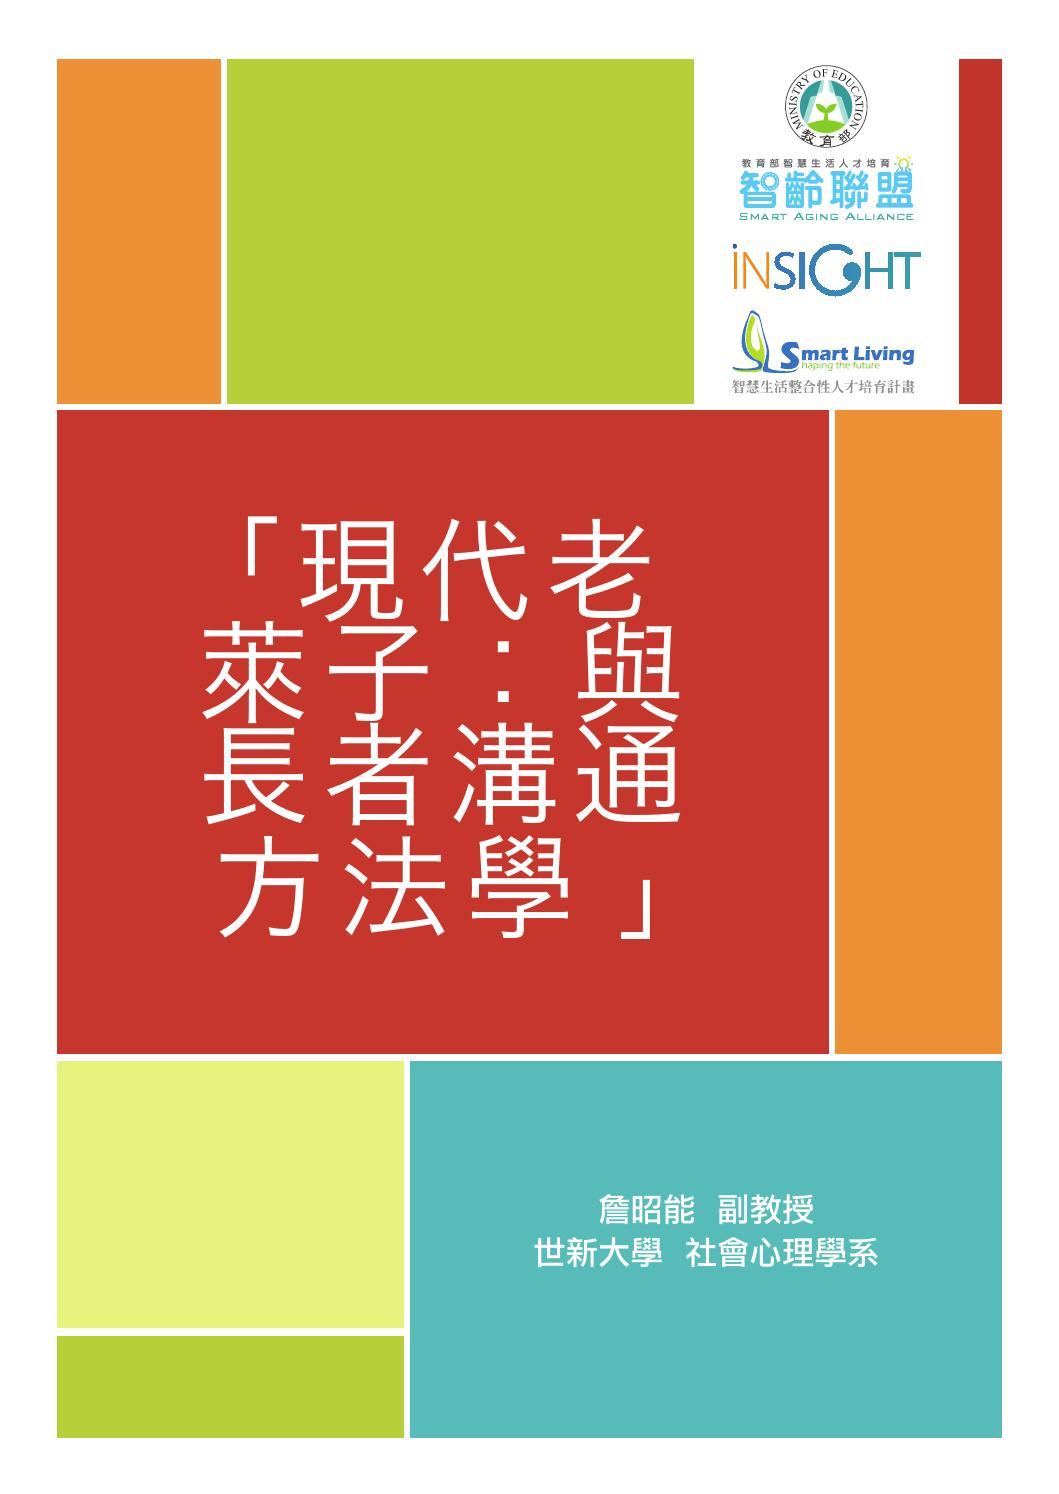 現代老萊子:與長輩溝通方法學模組 by insight ewpg - Issuu